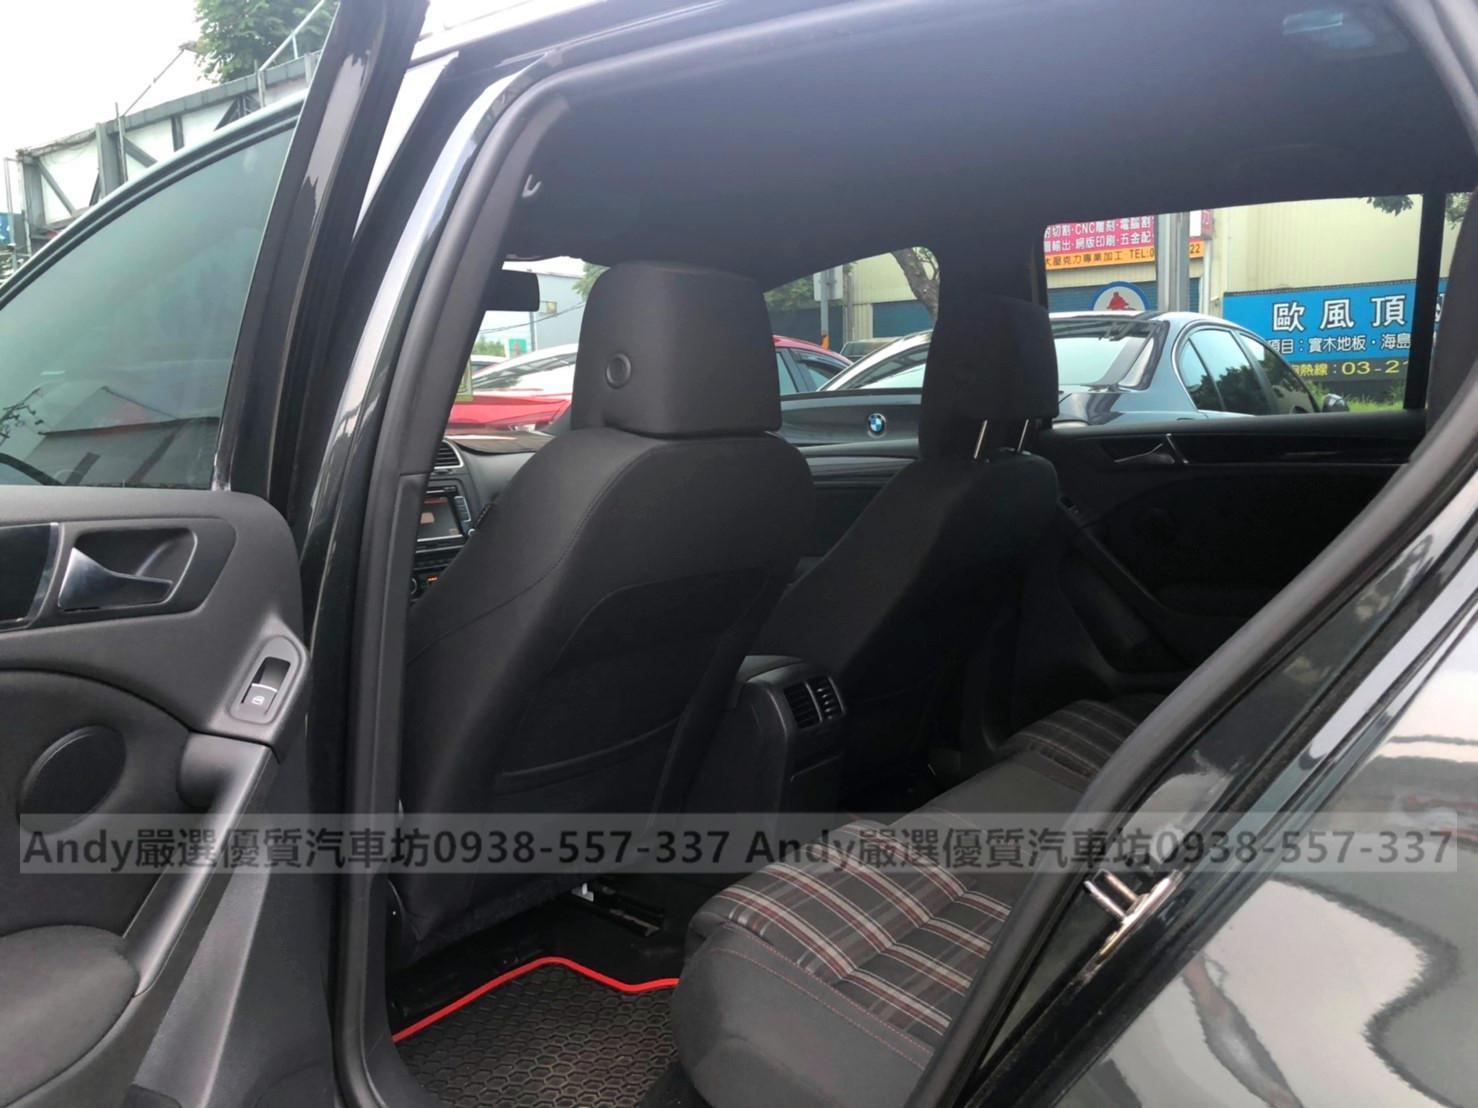 2011年 GTI 灰 2.0 熱門車中古車二手車